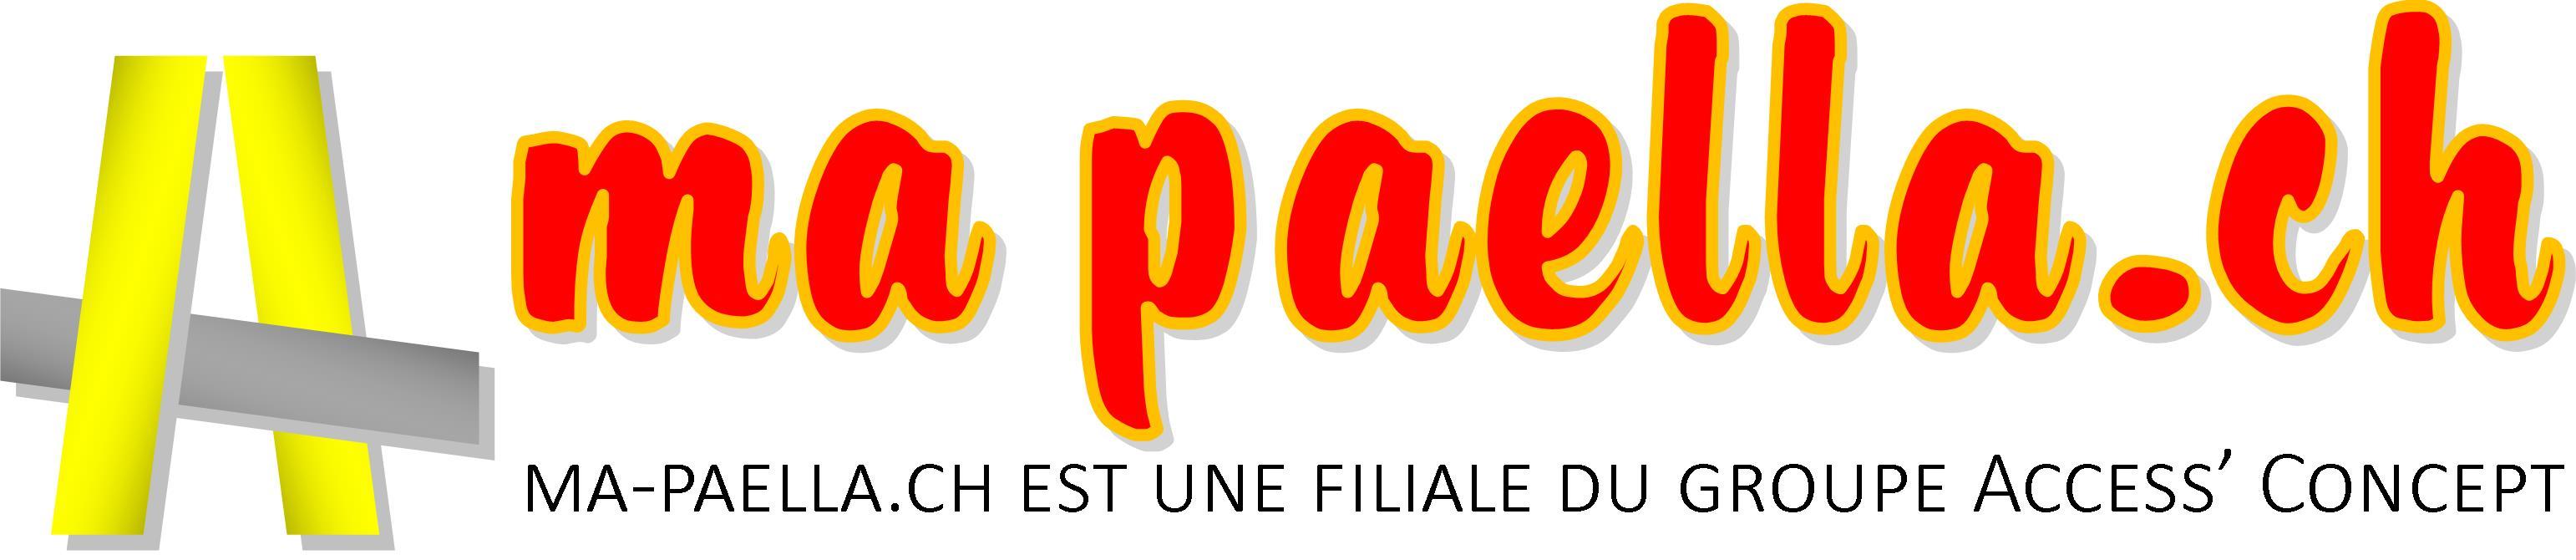 logo%20ma-paella.jpg